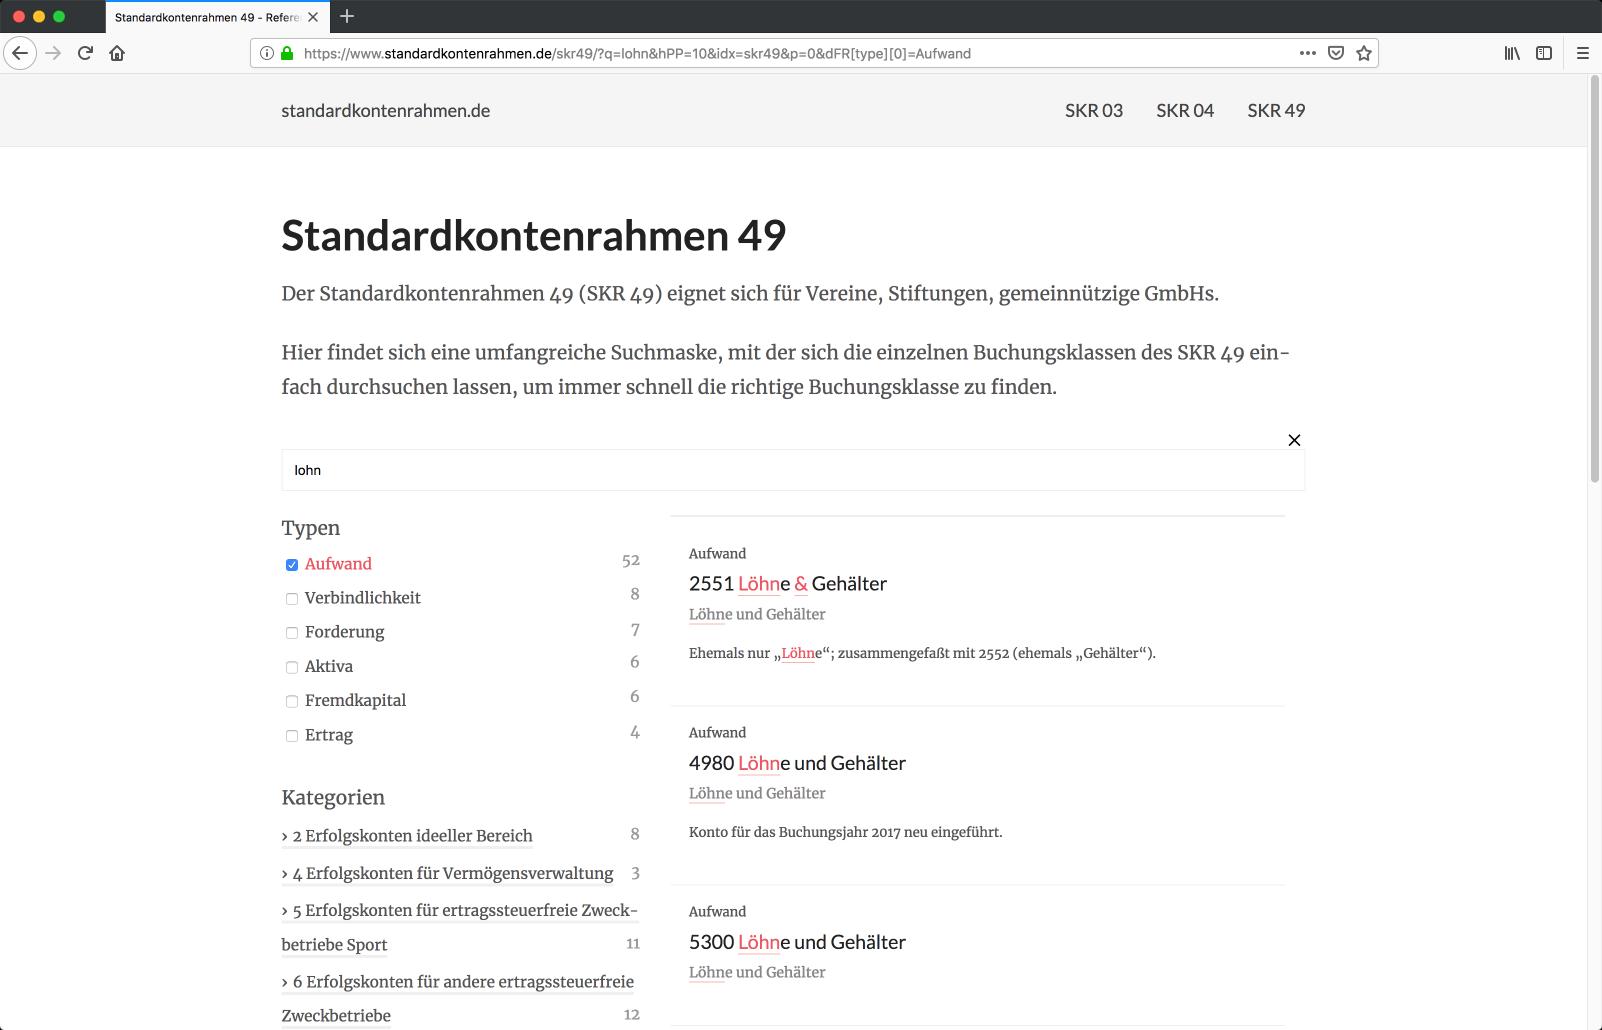 standardkontenrahmen.de